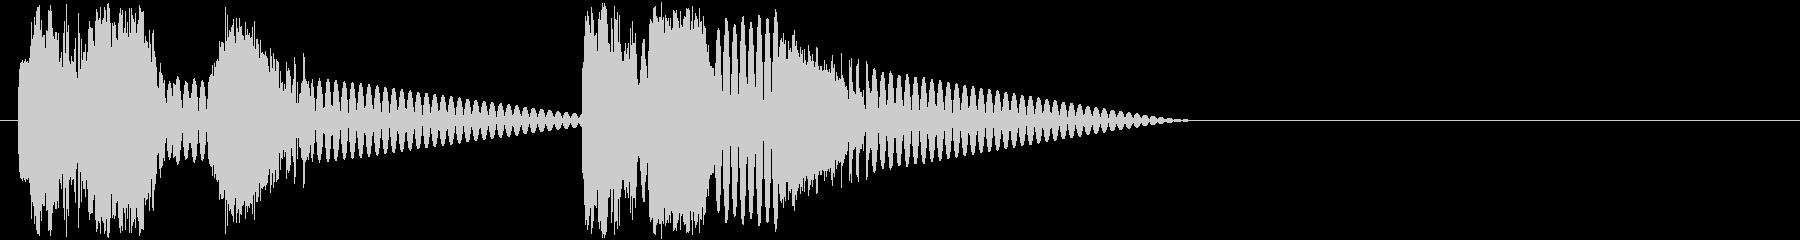 ロボットサウンド 機械音6 ロボが動く音の未再生の波形